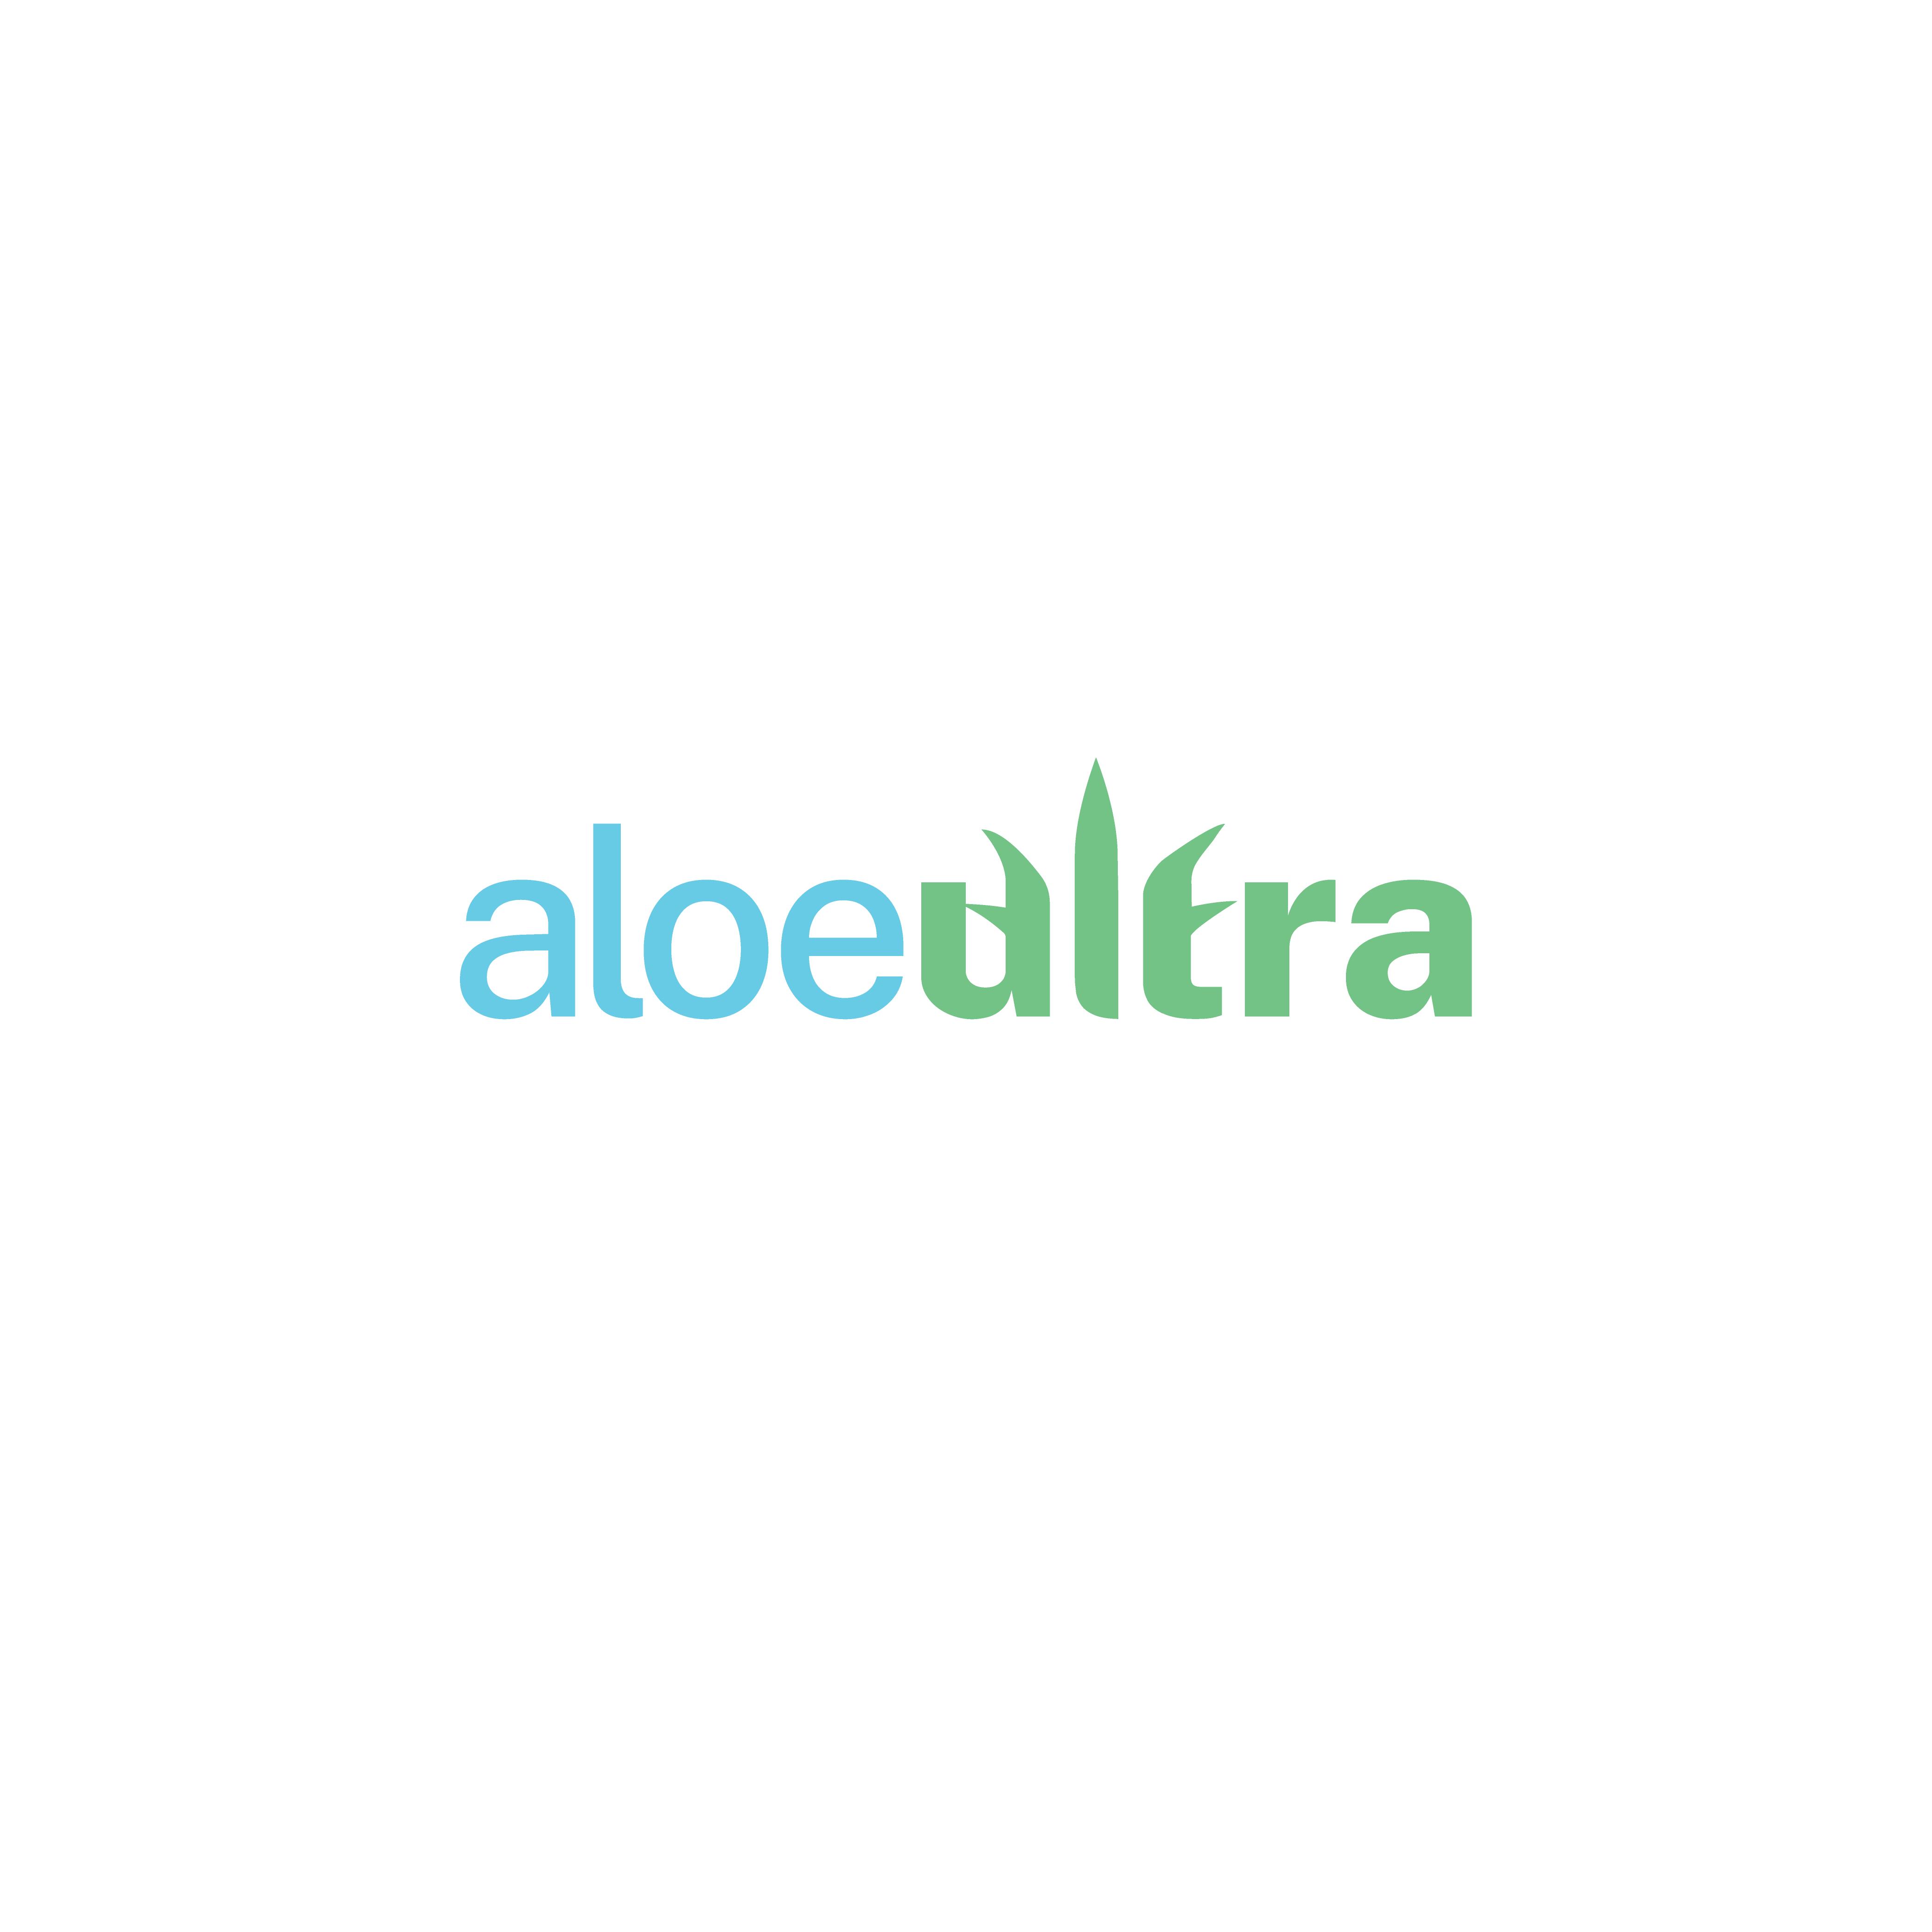 aloeultra-logo-1-01